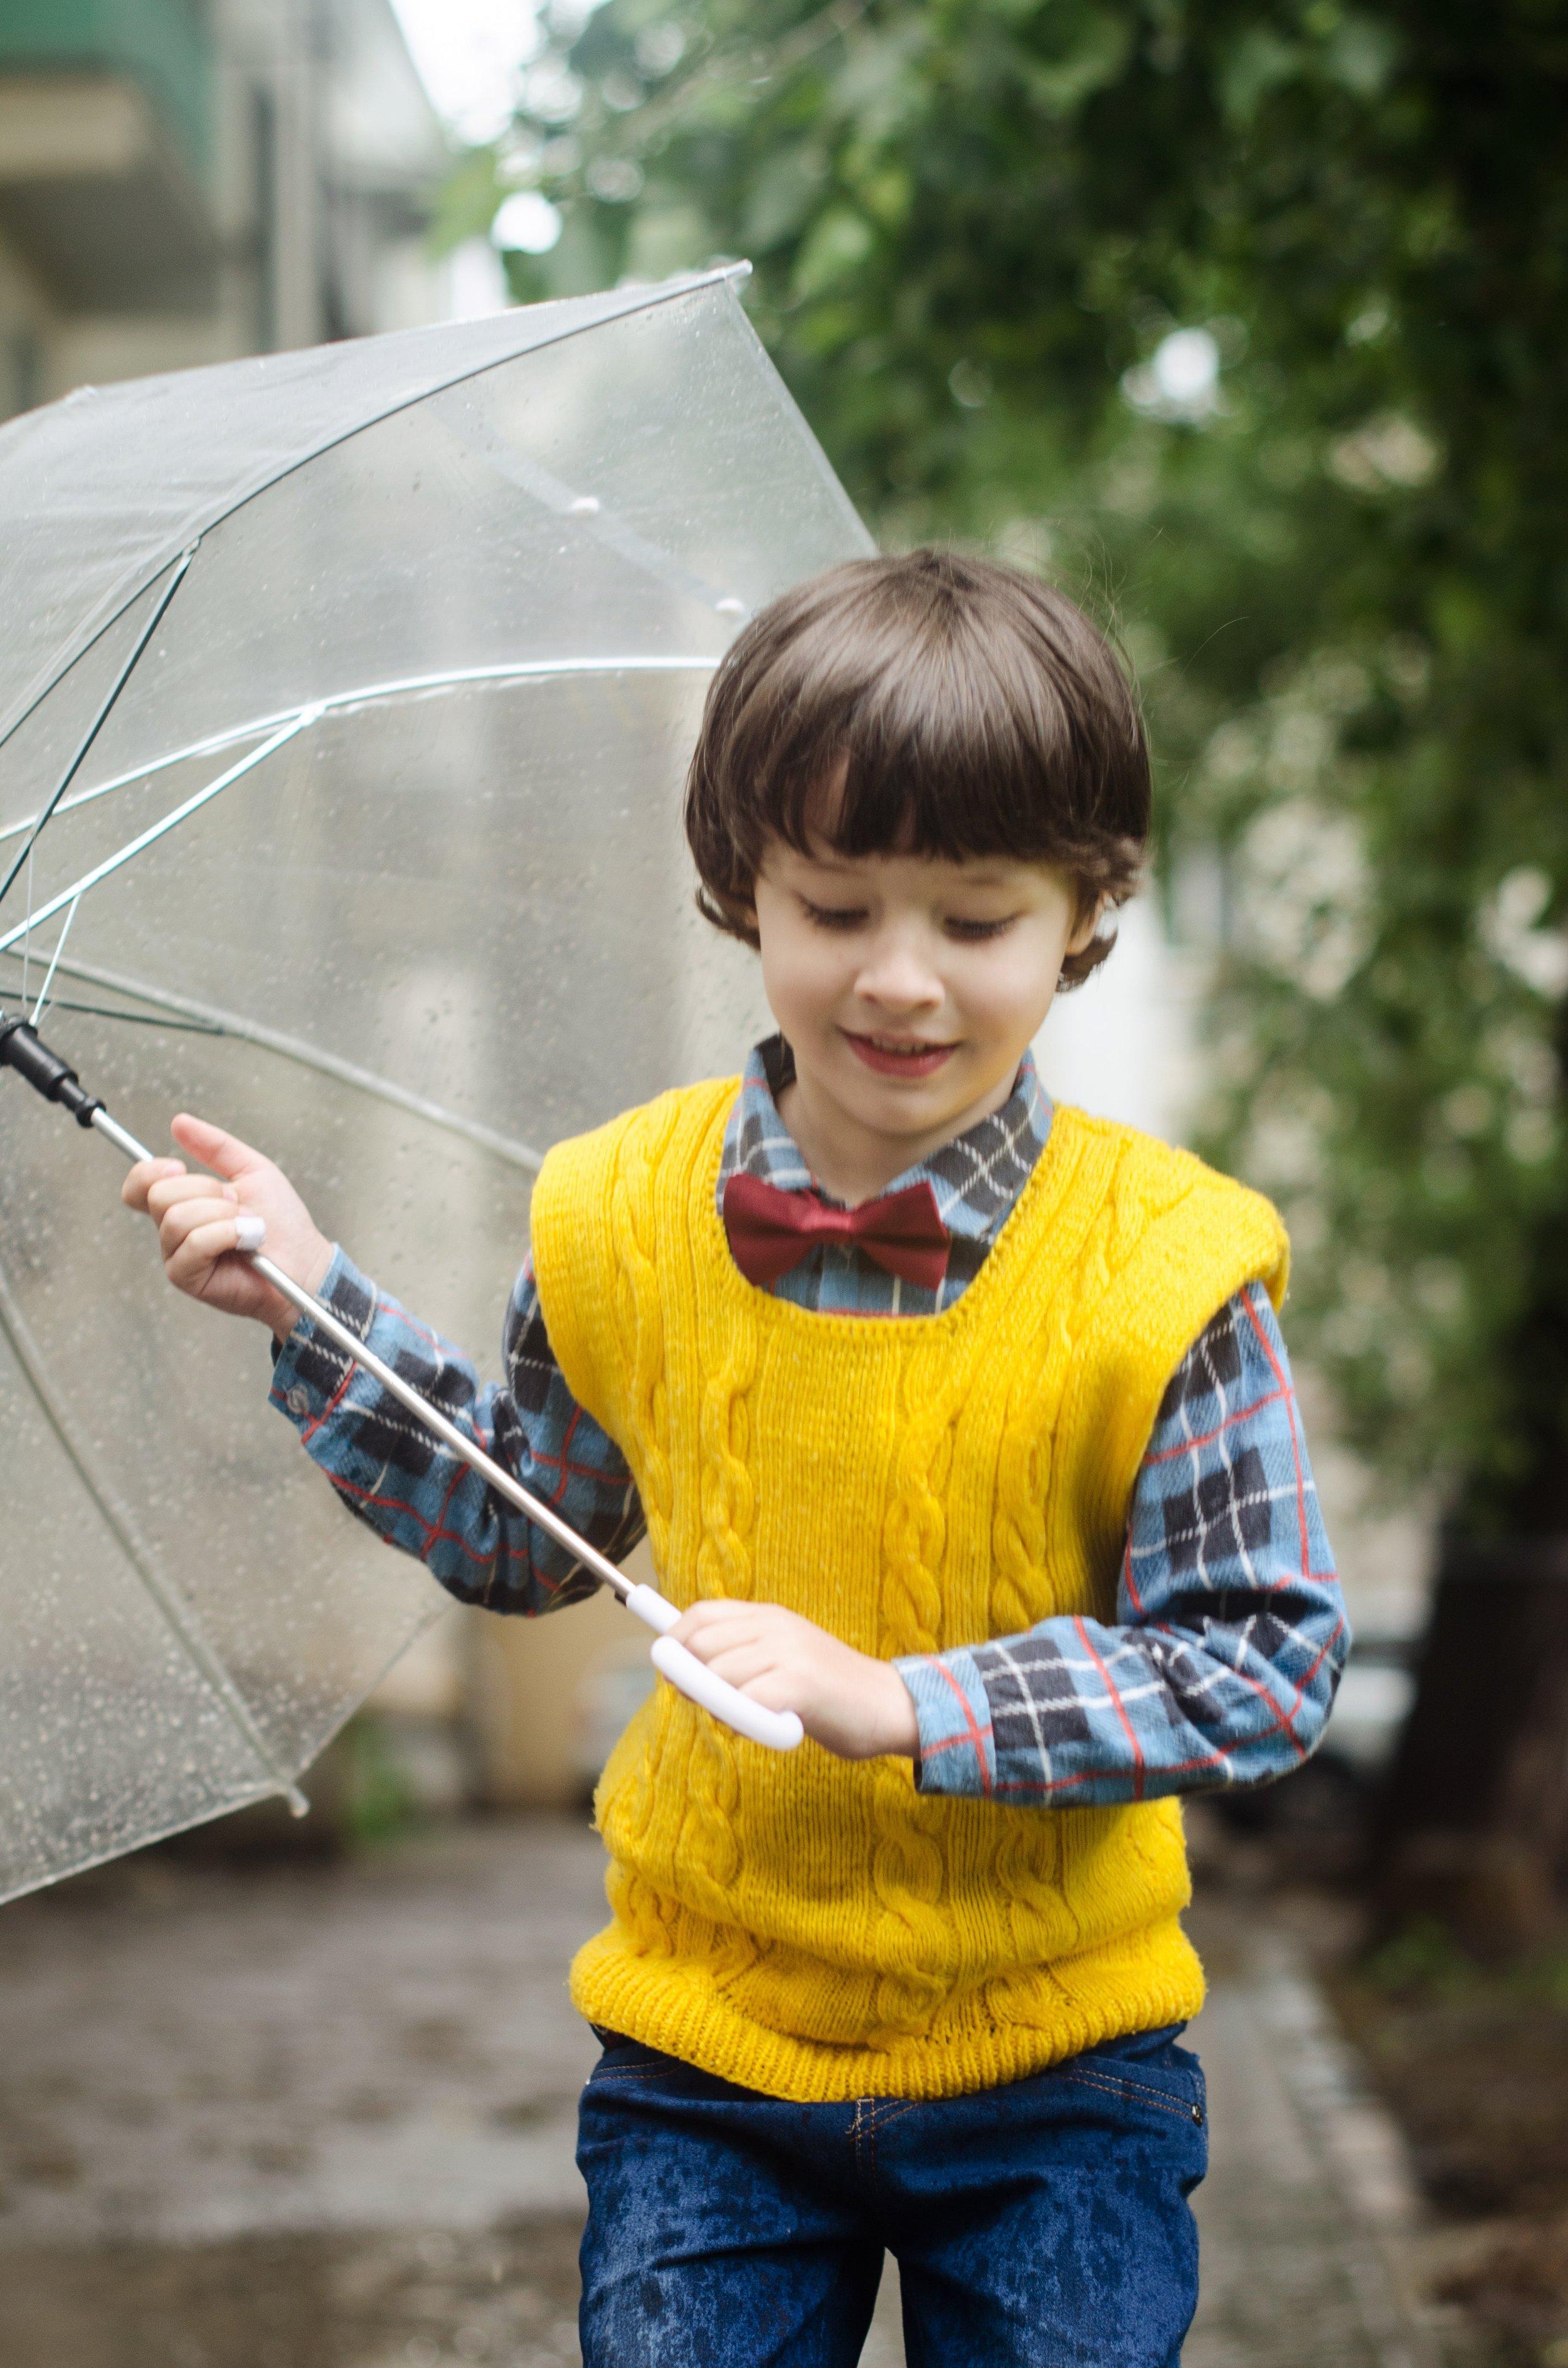 blurred-background-bow-tie-boy-1619715.jpg